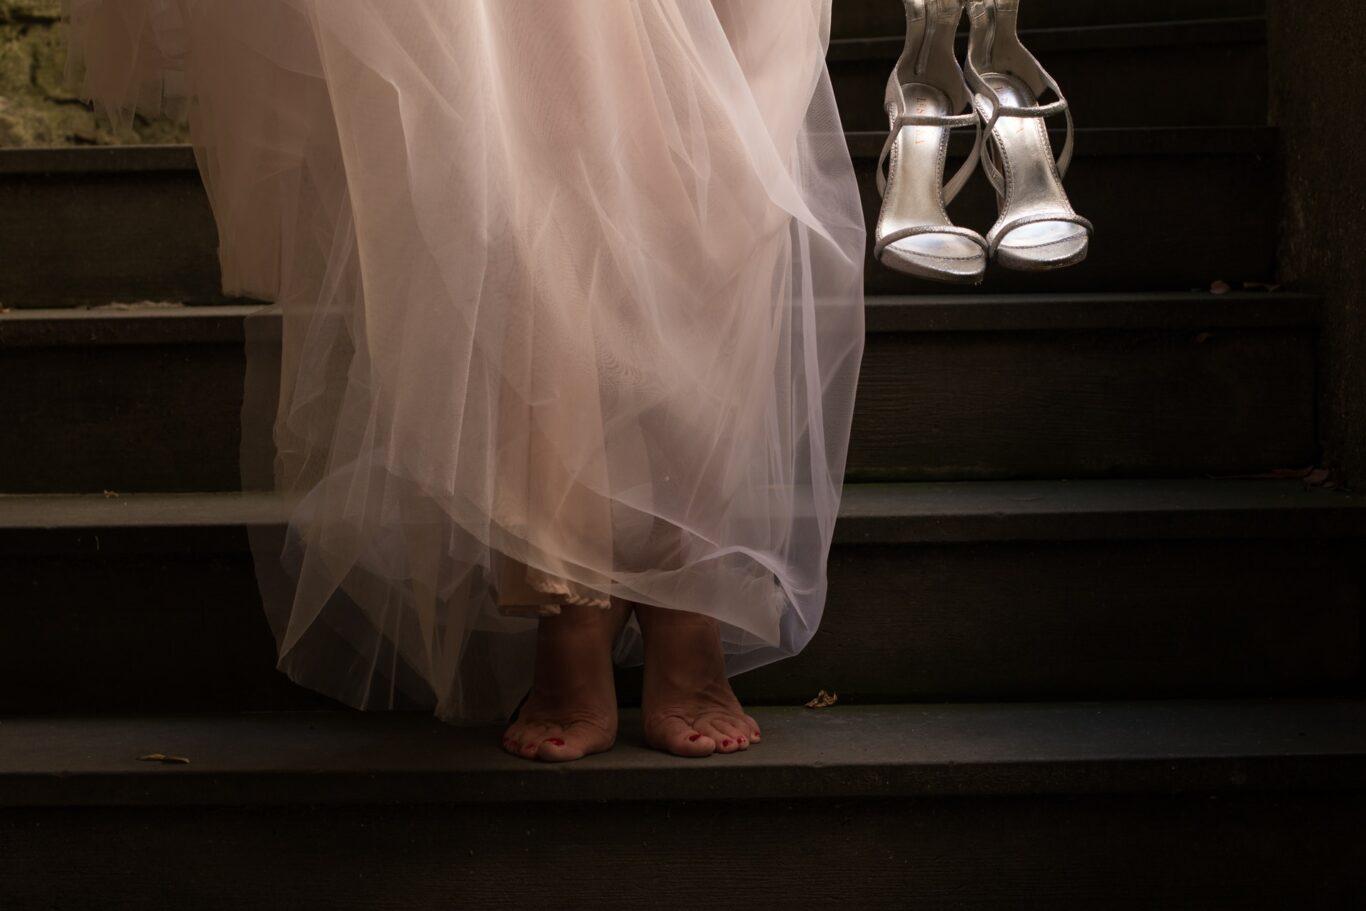 τύποι νυφικών παπουτσιών